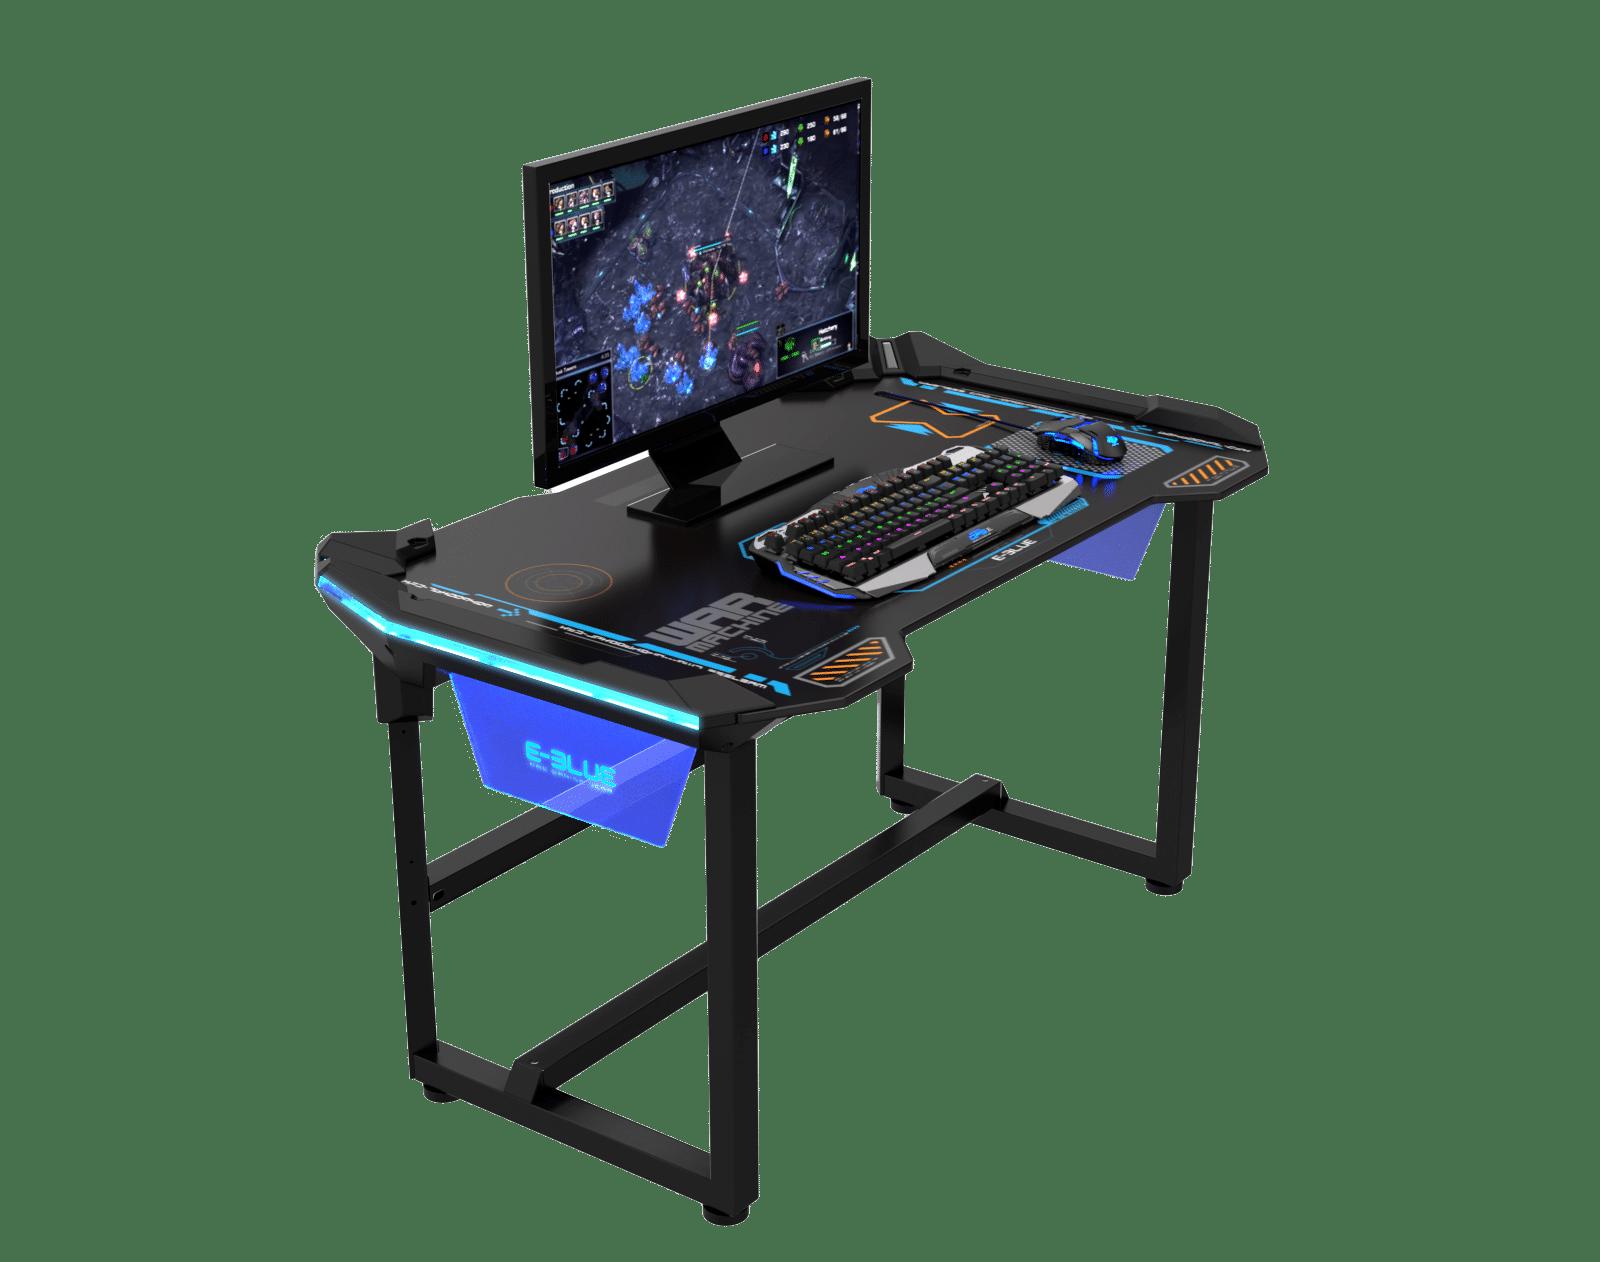 Table de jeu e sport led connecté retro Éclairée e blue